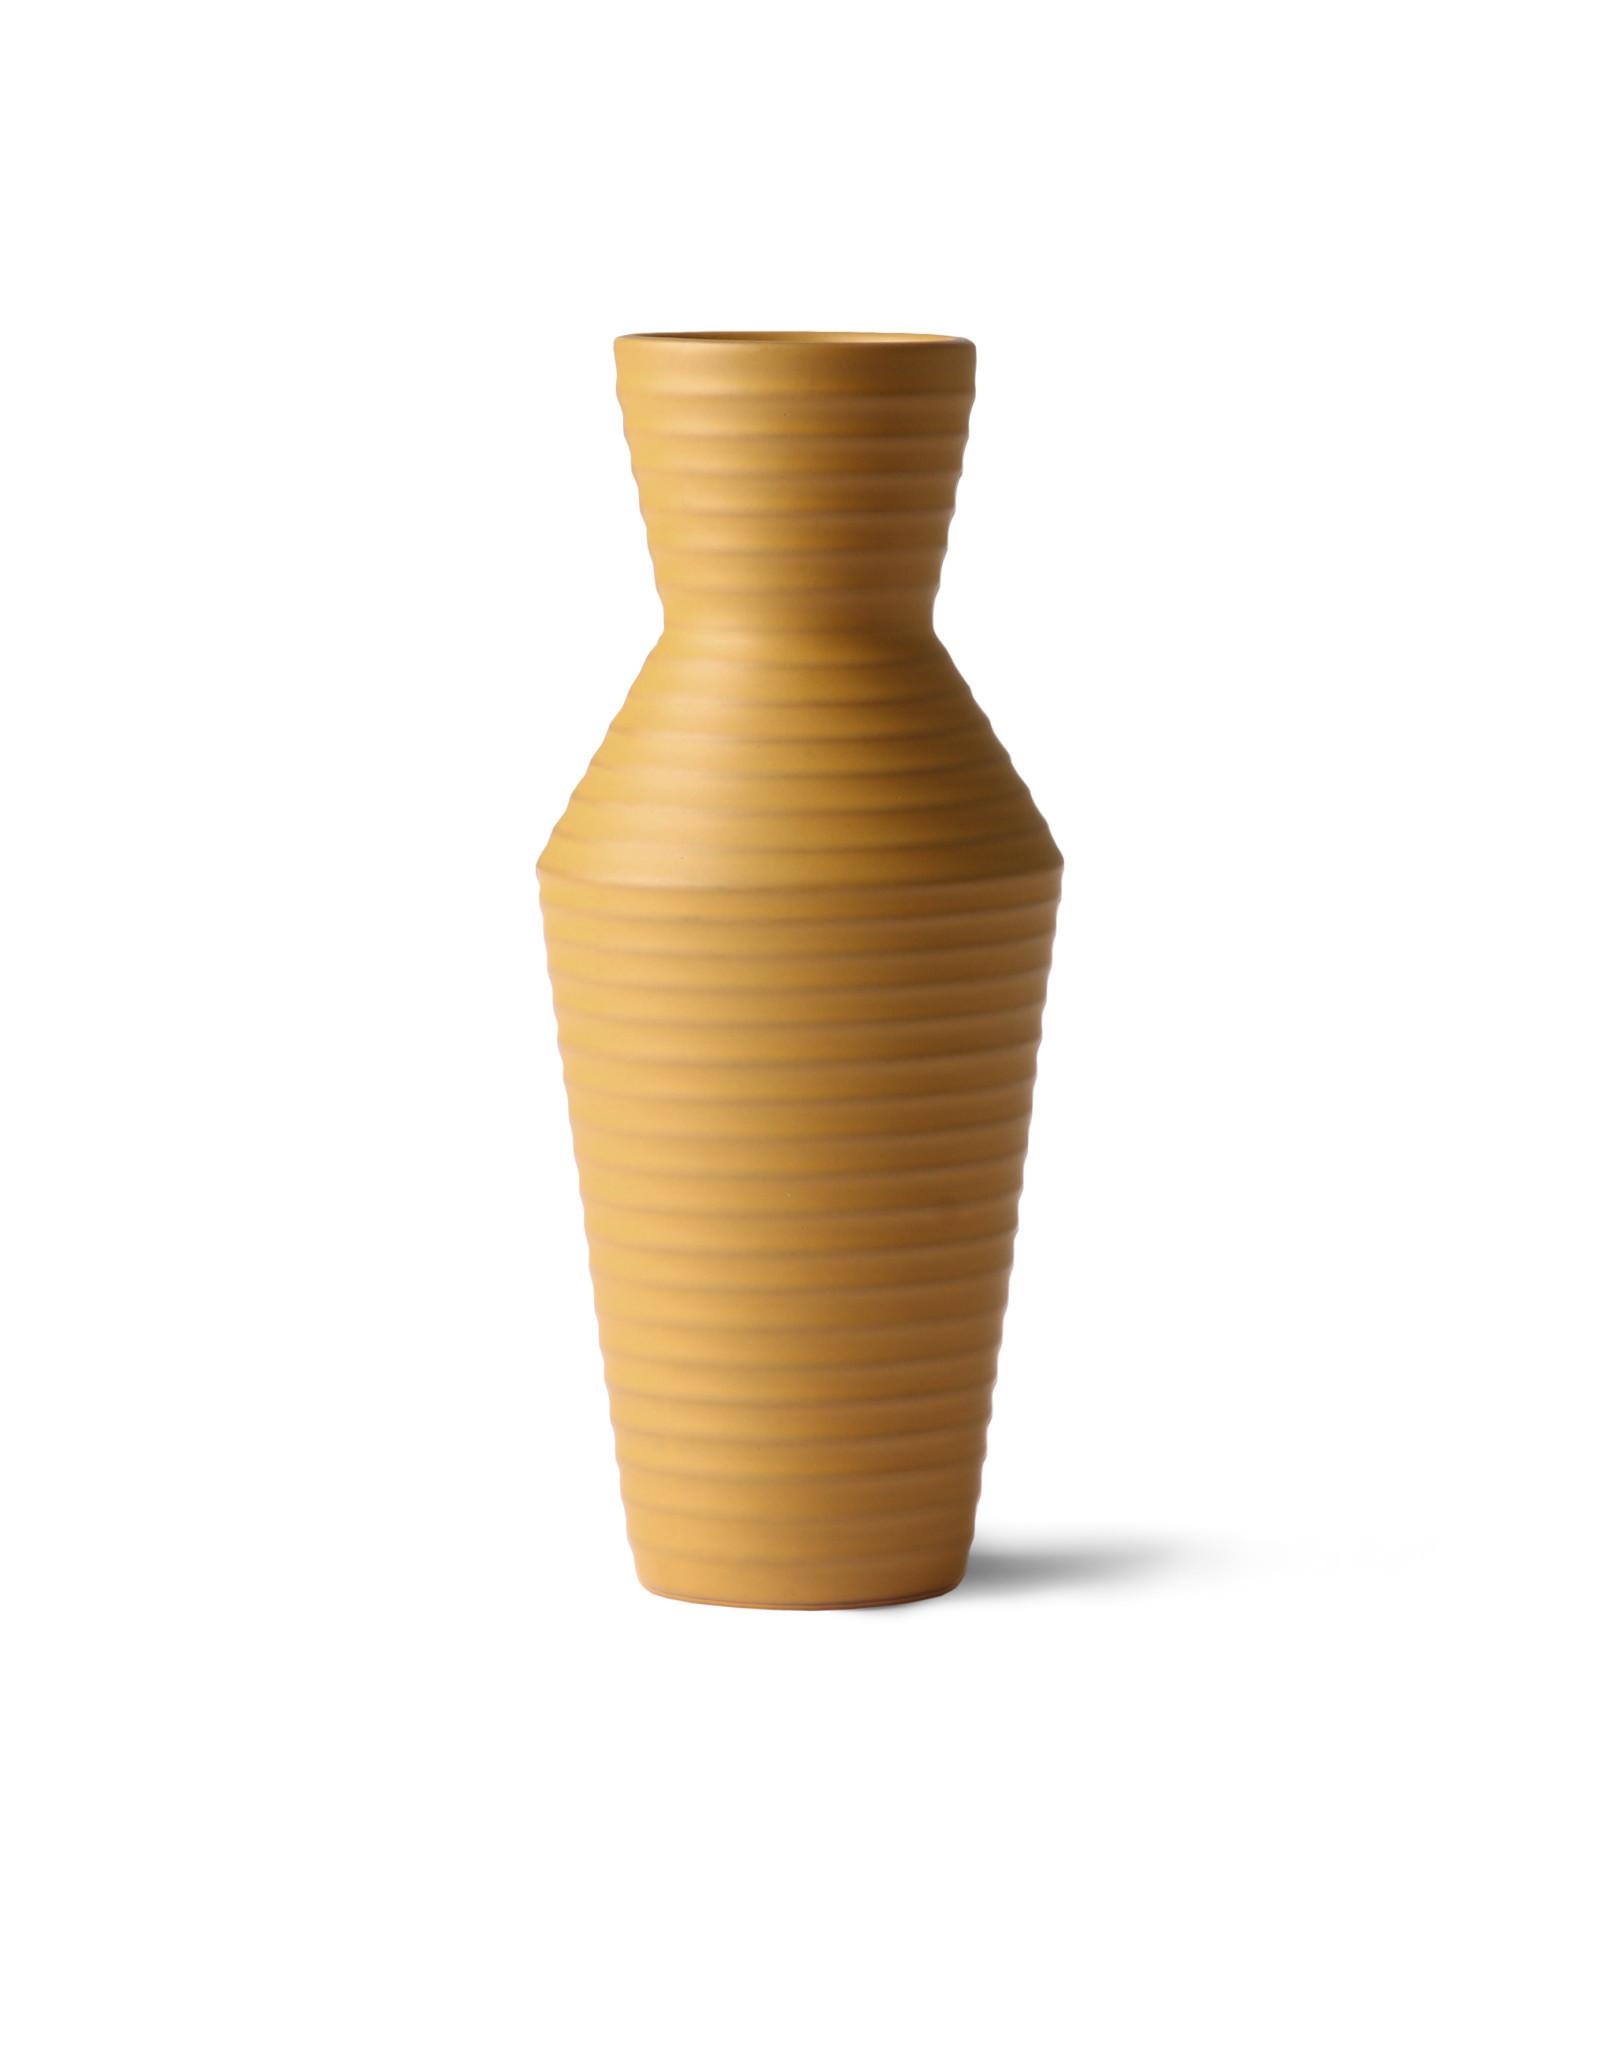 HKliving HK living ceramic vase ocre